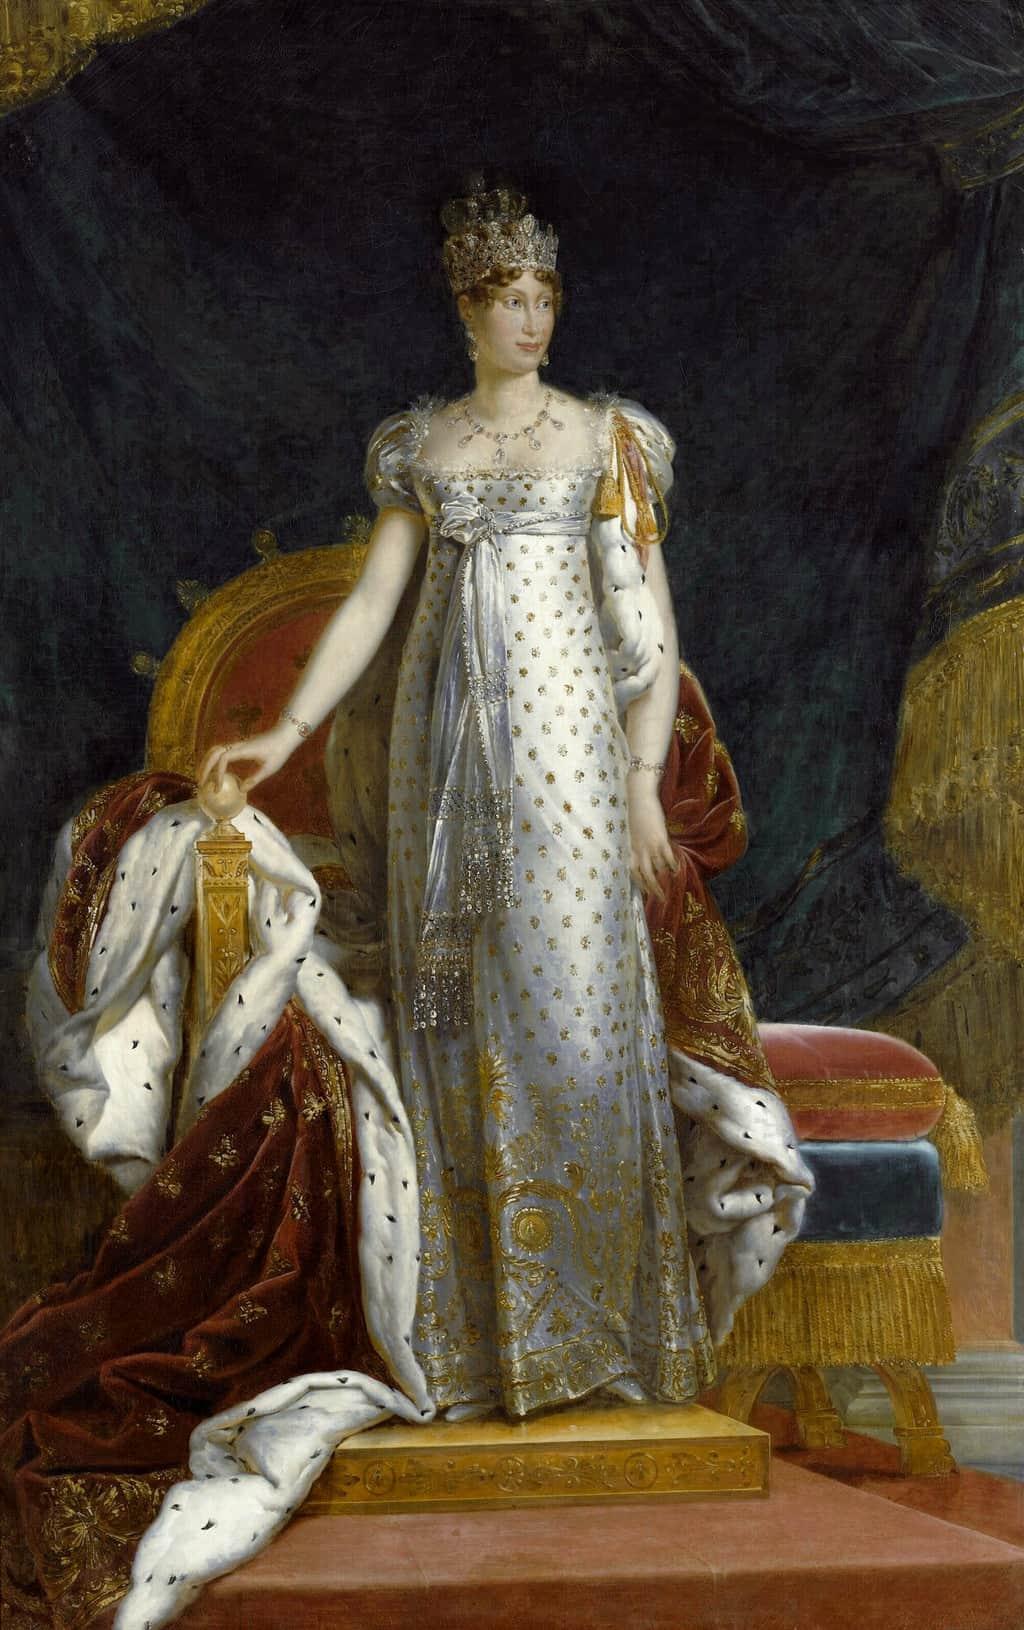 פורטרט של מארי לואיז מאוסטריה בלבוש הקיסרית. מקור תמונה: ויקיפדיה.